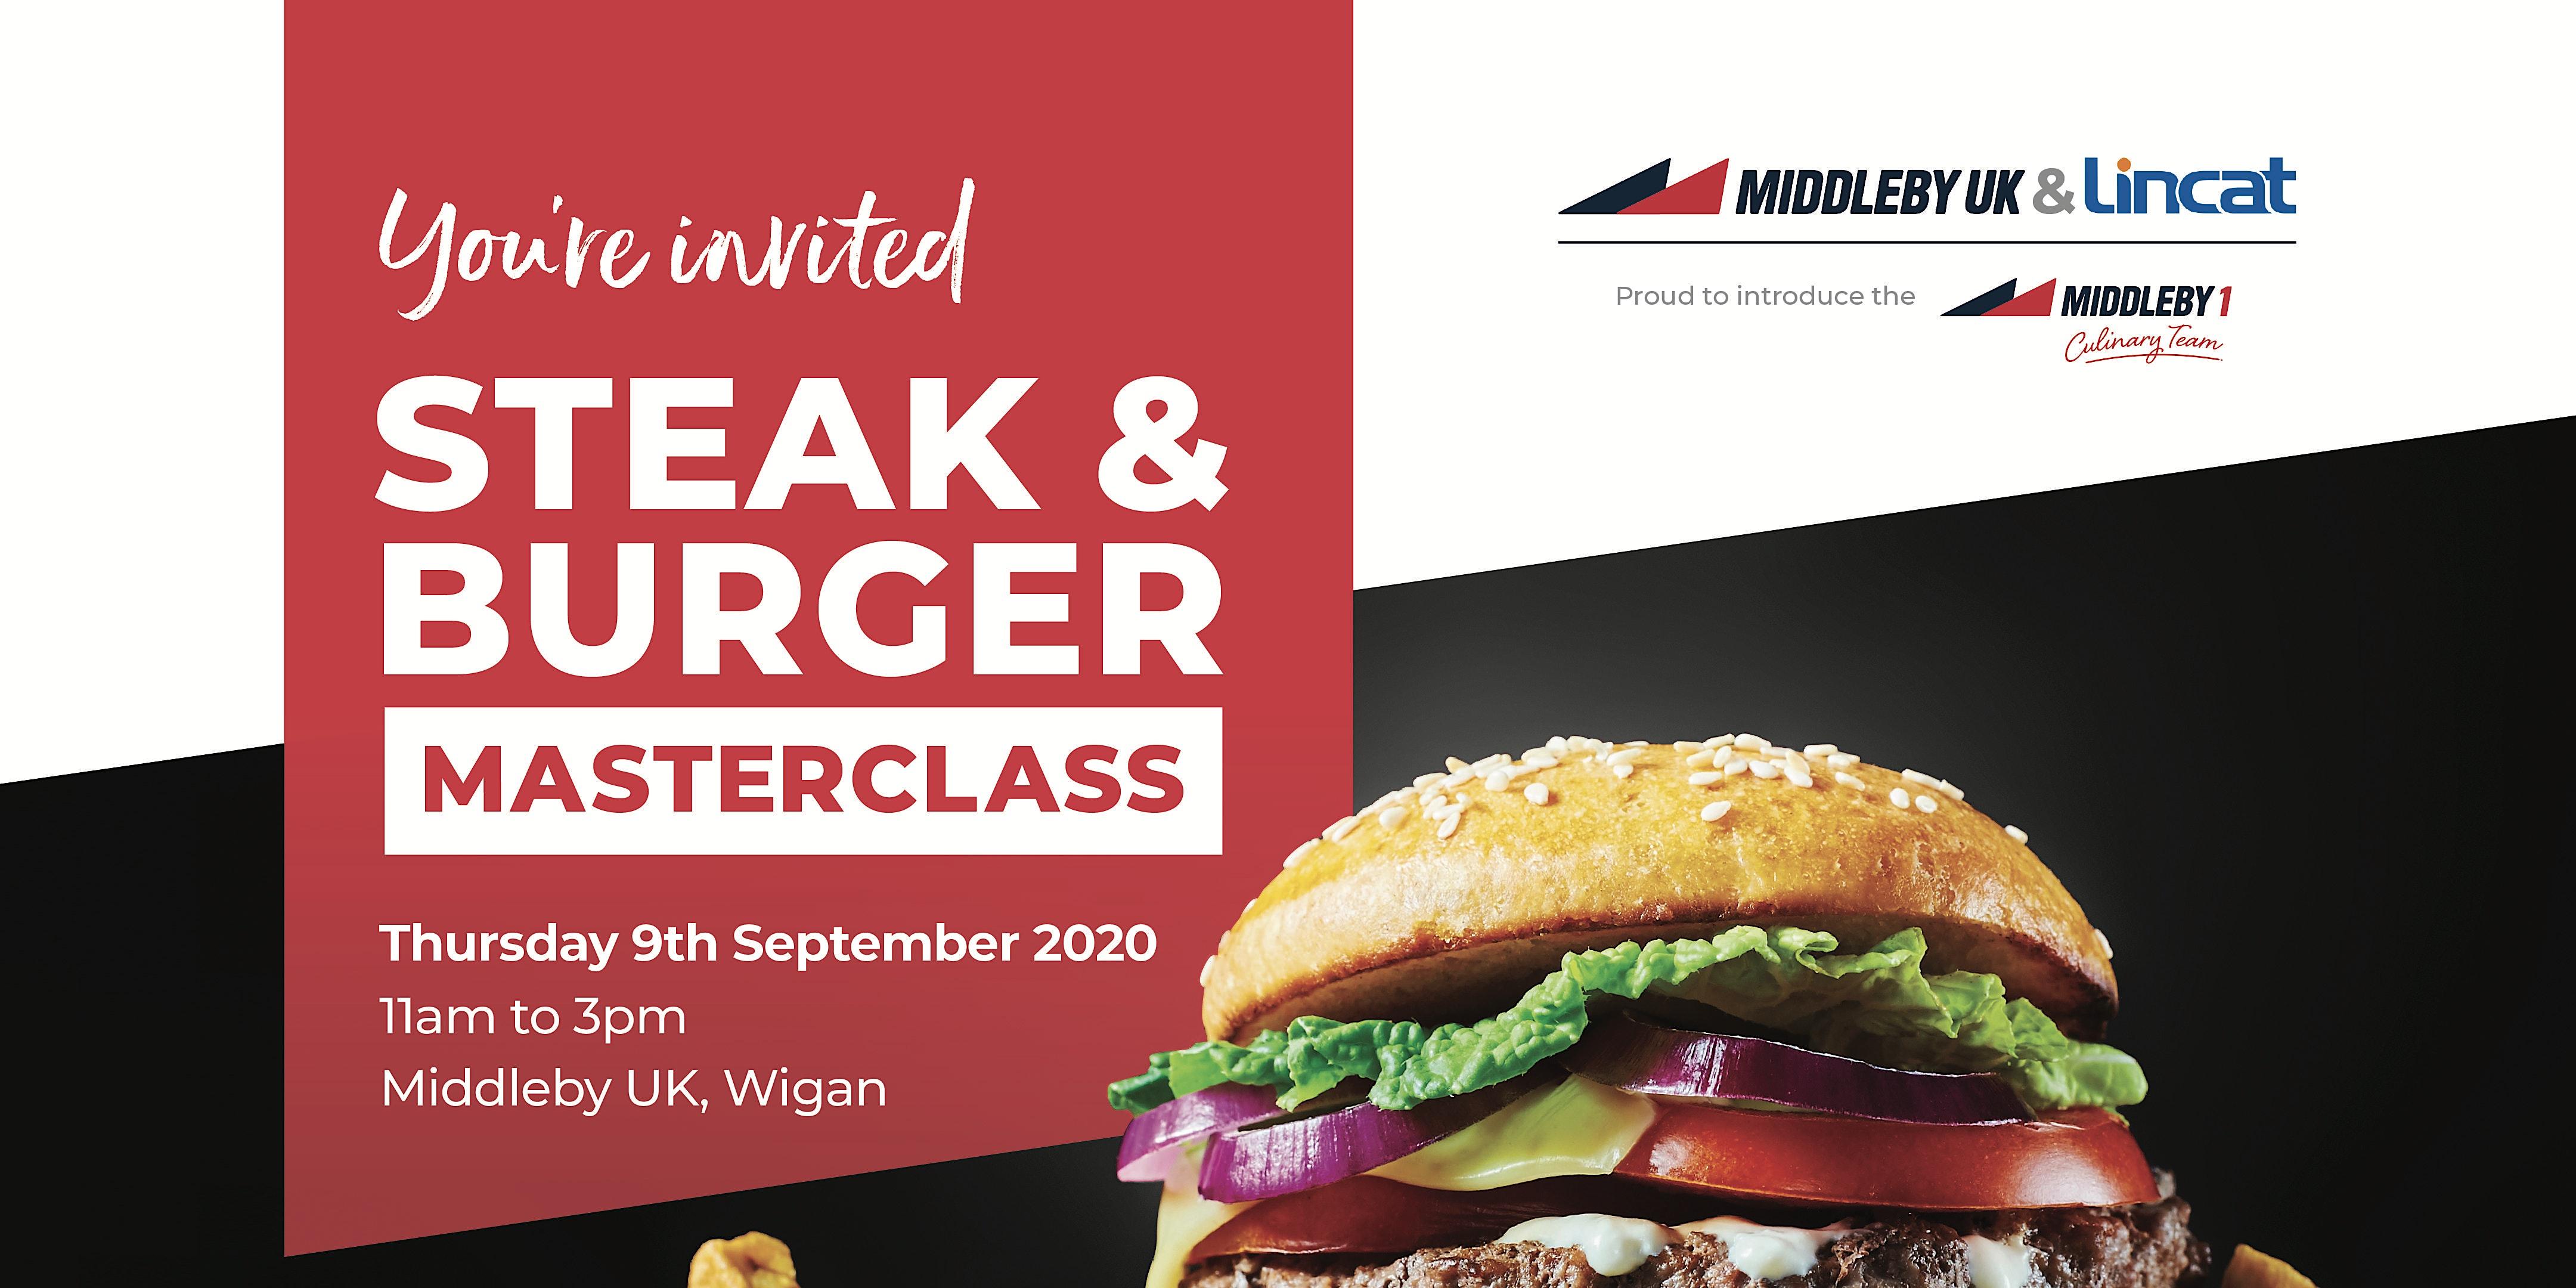 Lincat & Middleby UK Steak &Burger Day